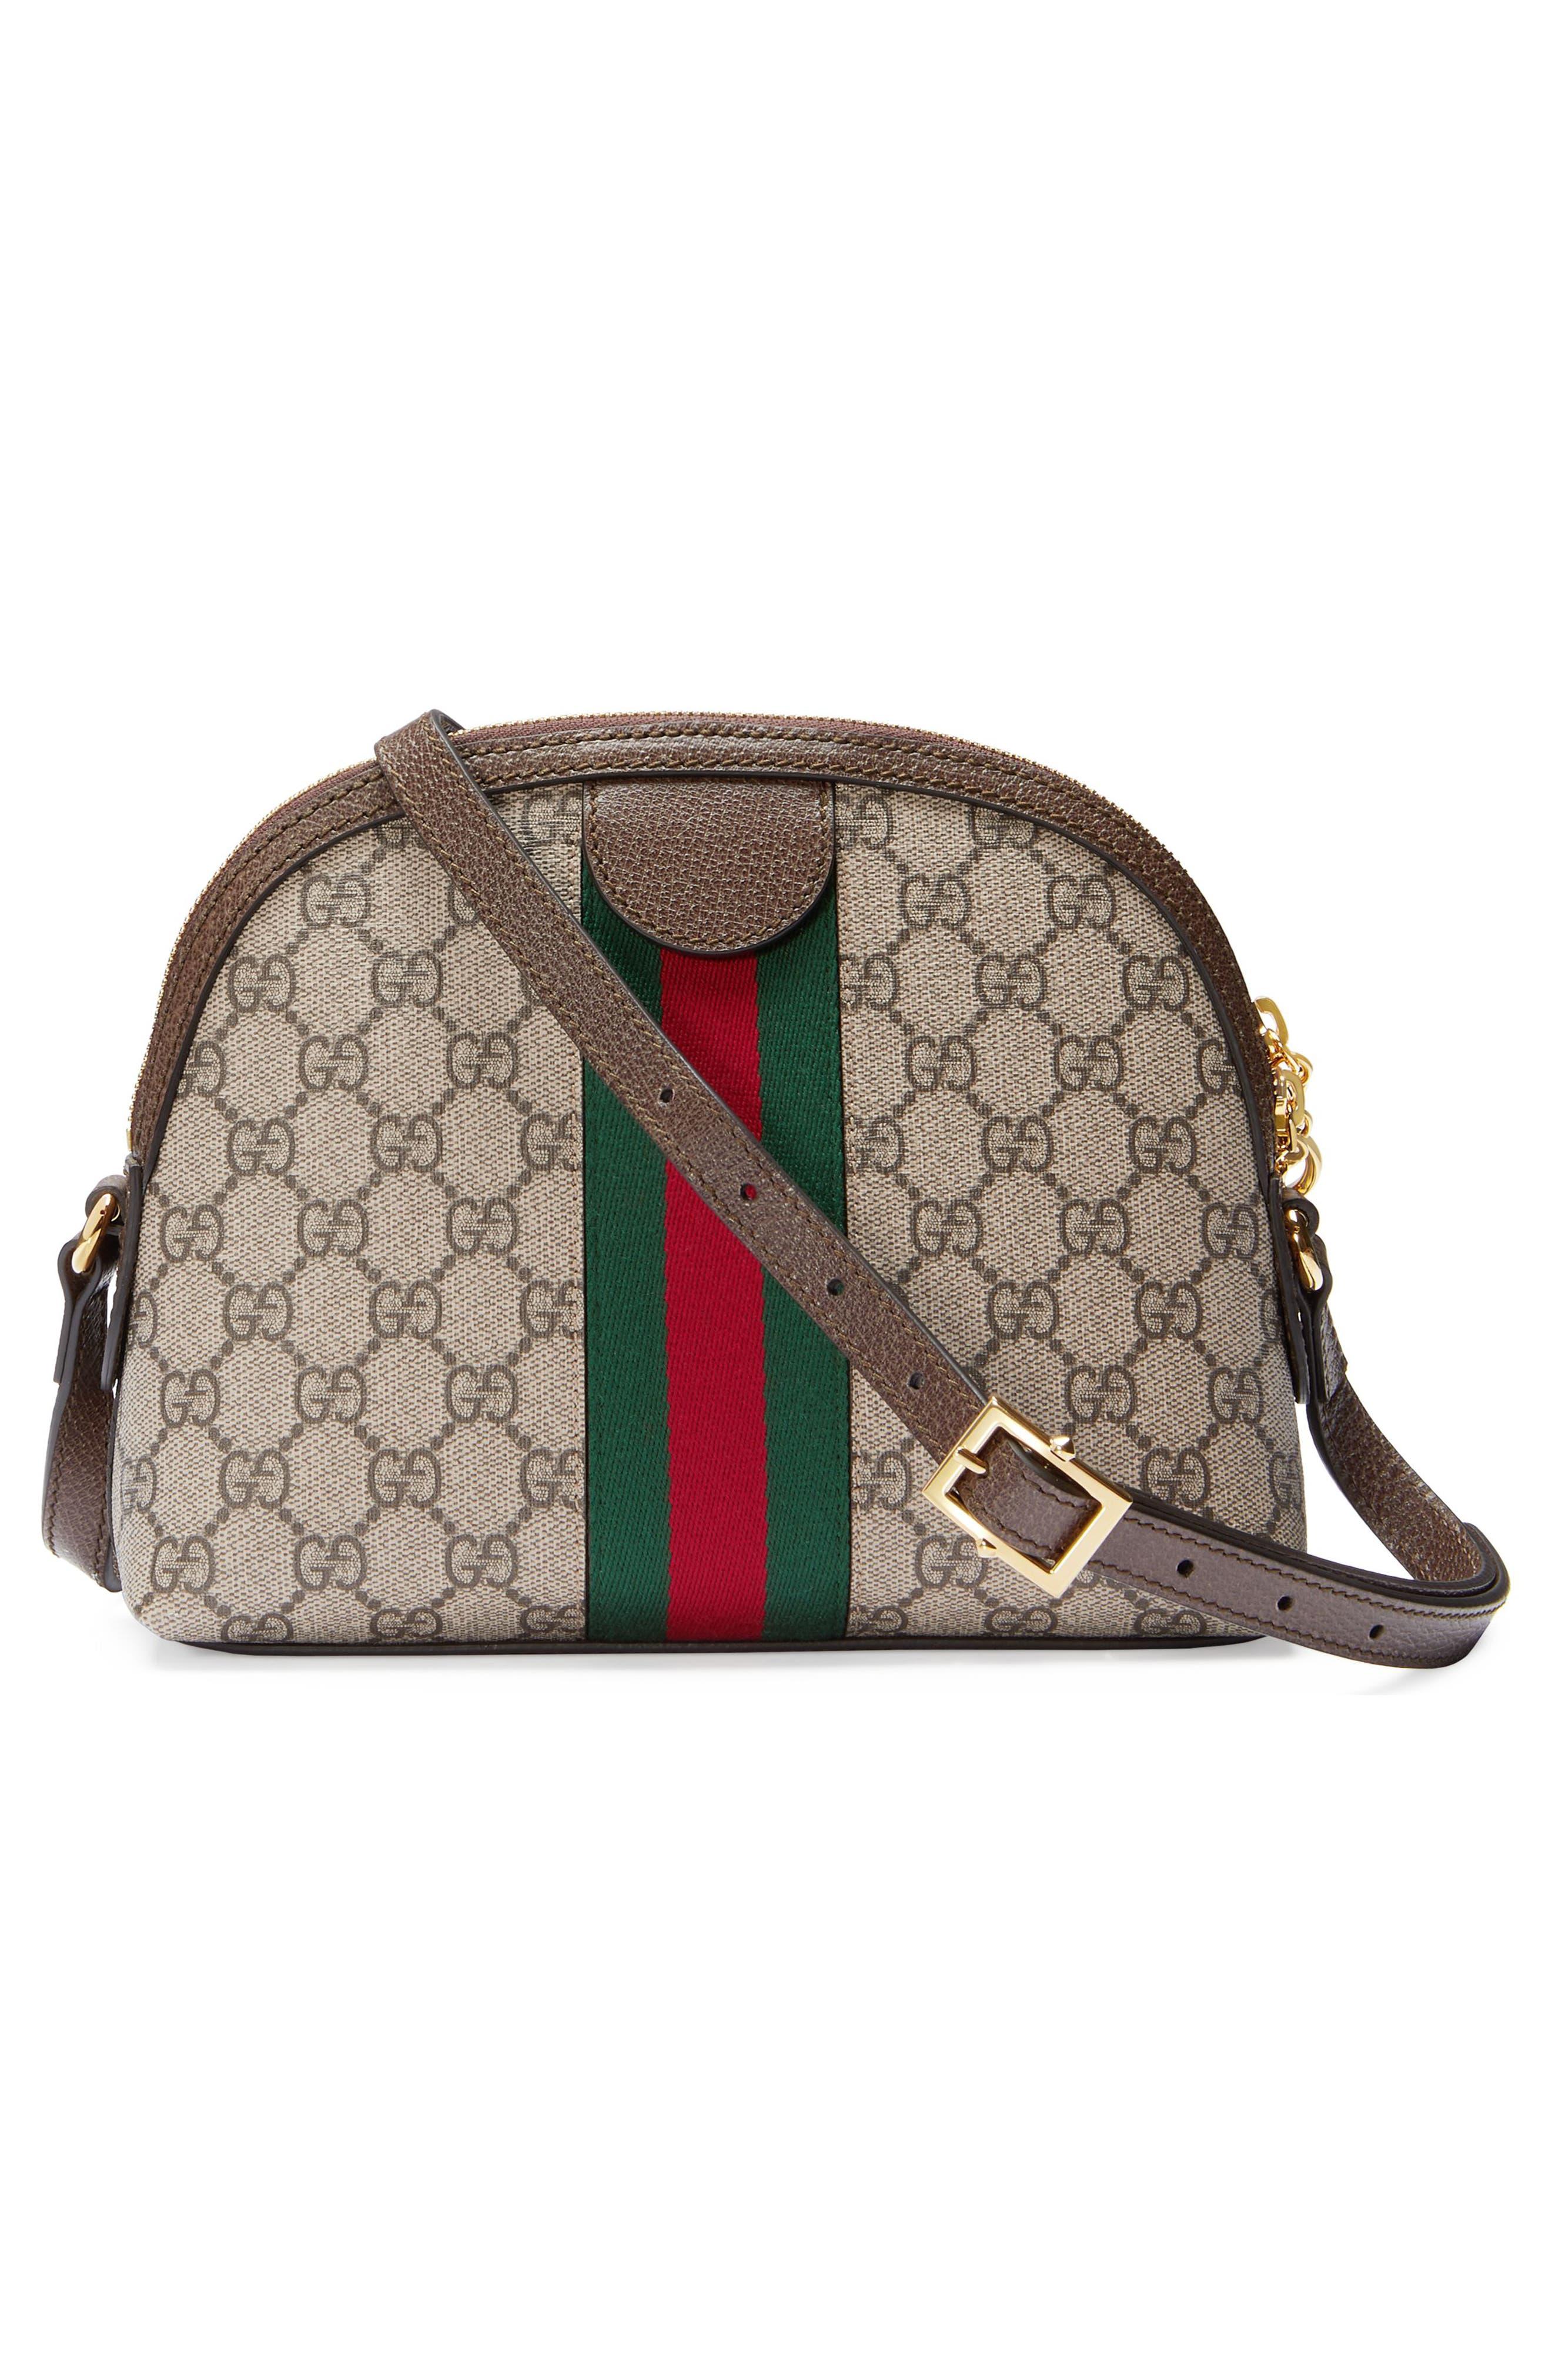 GG Supreme Canvas Shoulder Bag,                             Alternate thumbnail 3, color,                             BEIGE EBONY/ NERO/ RED